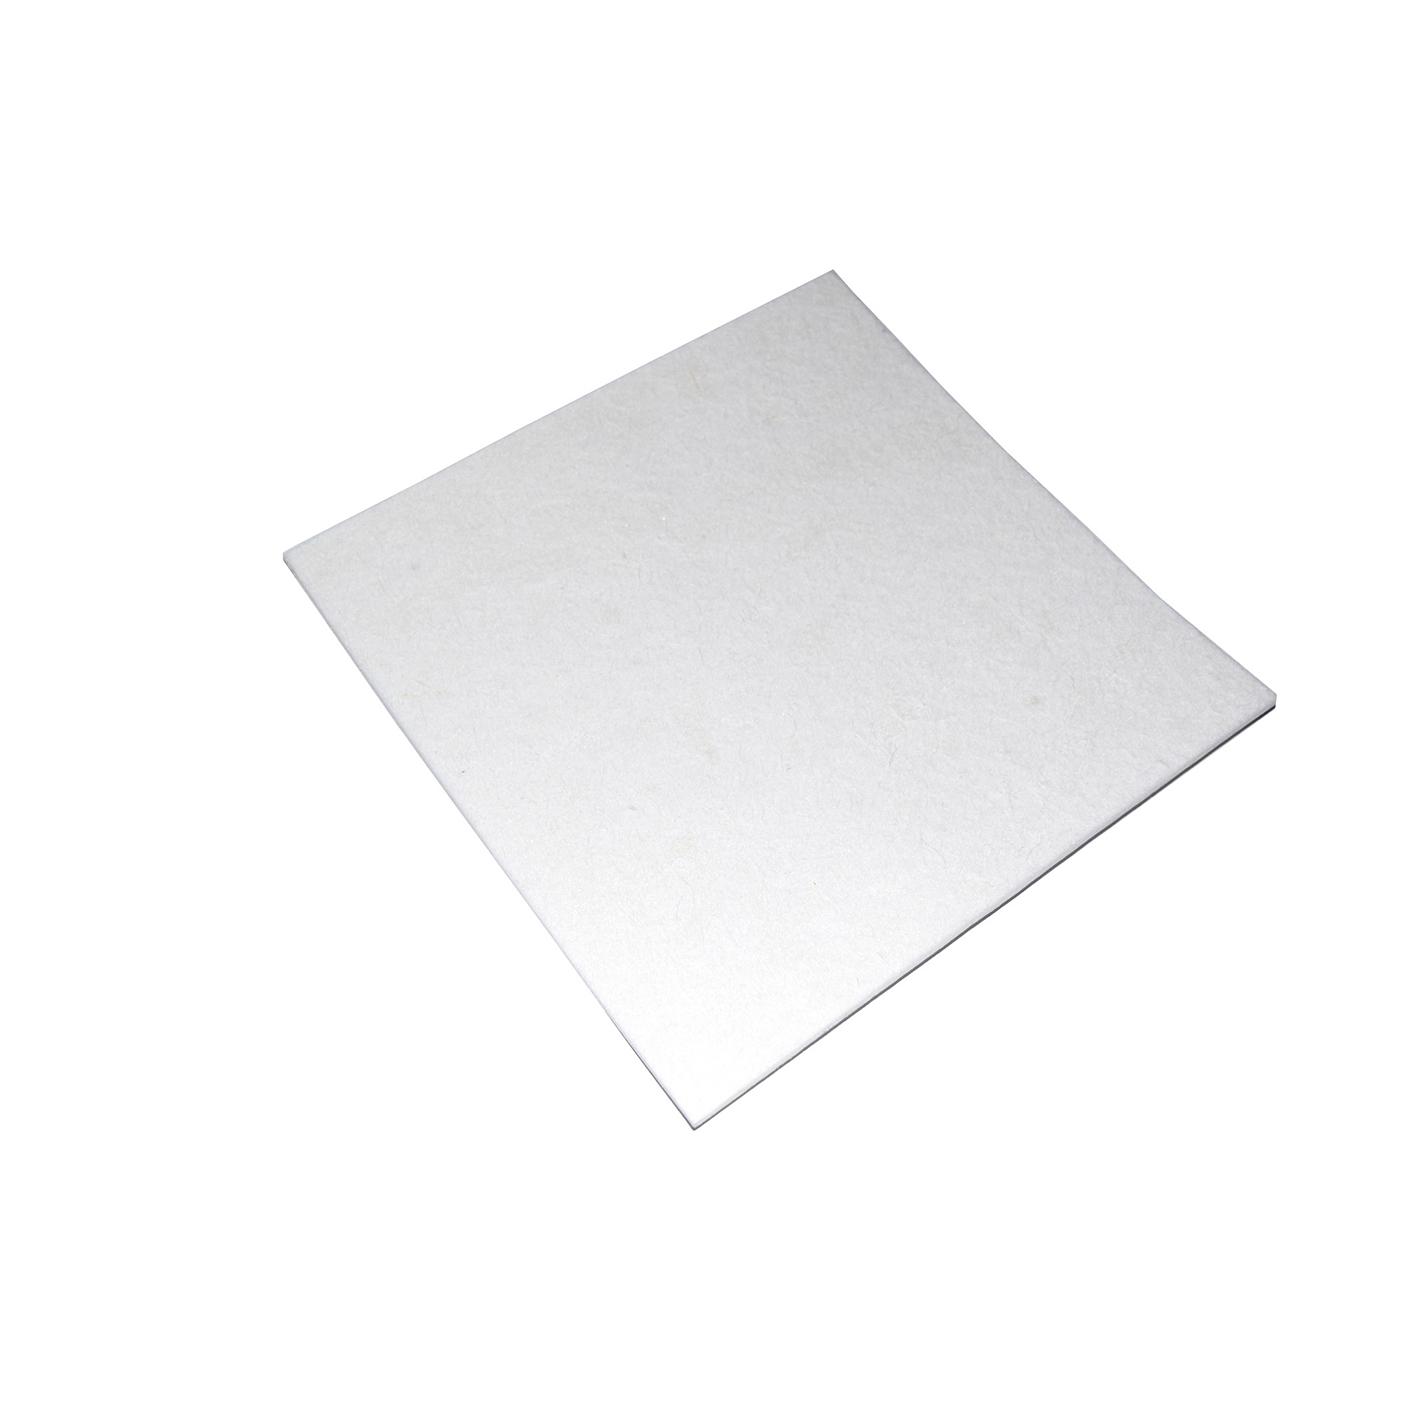 FELTRINI AD BIA 1 PLACC 250X250 PZ1